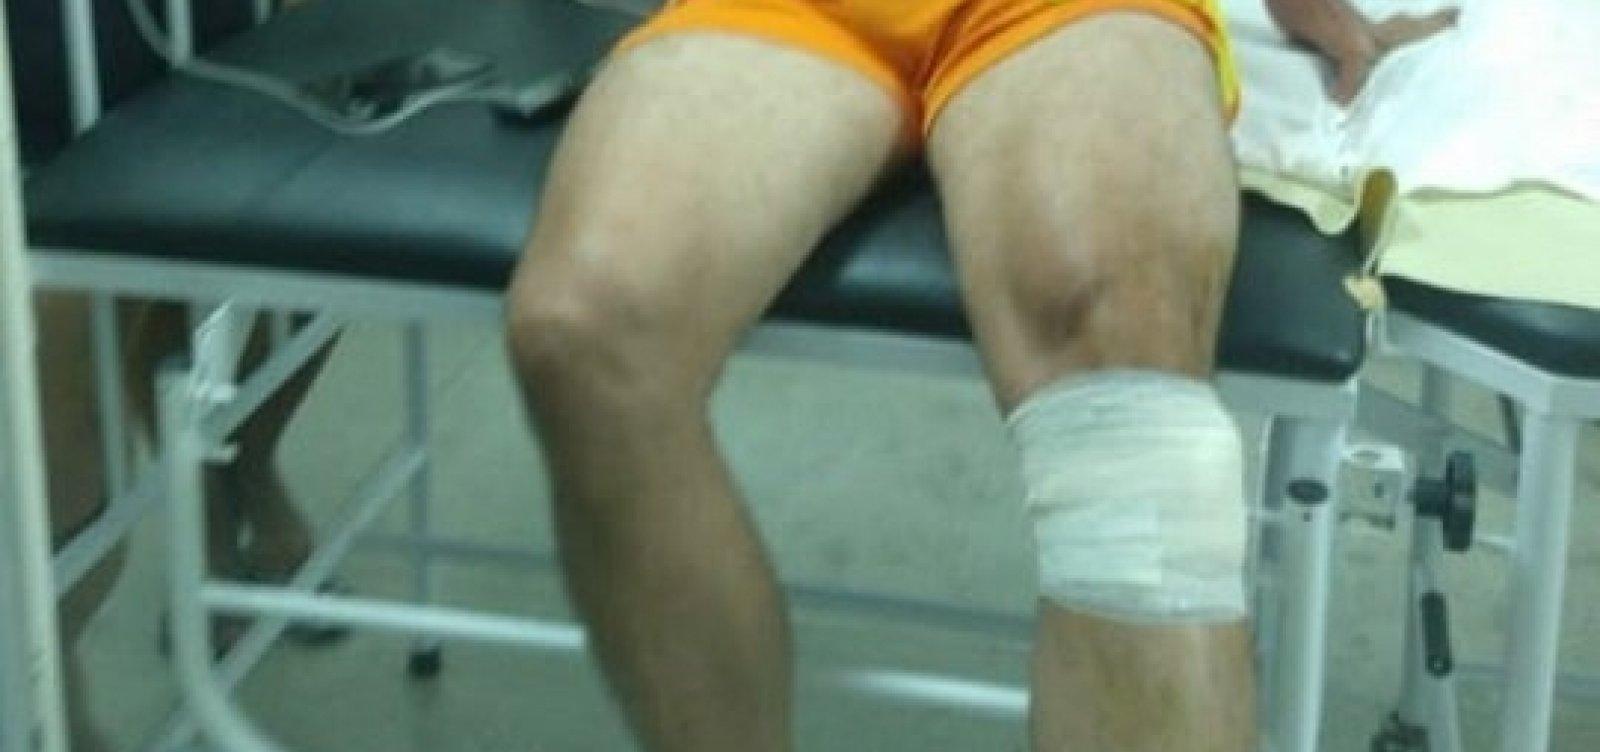 Valente: Vereador é baleado ao voltar para casa após jogo de futebol